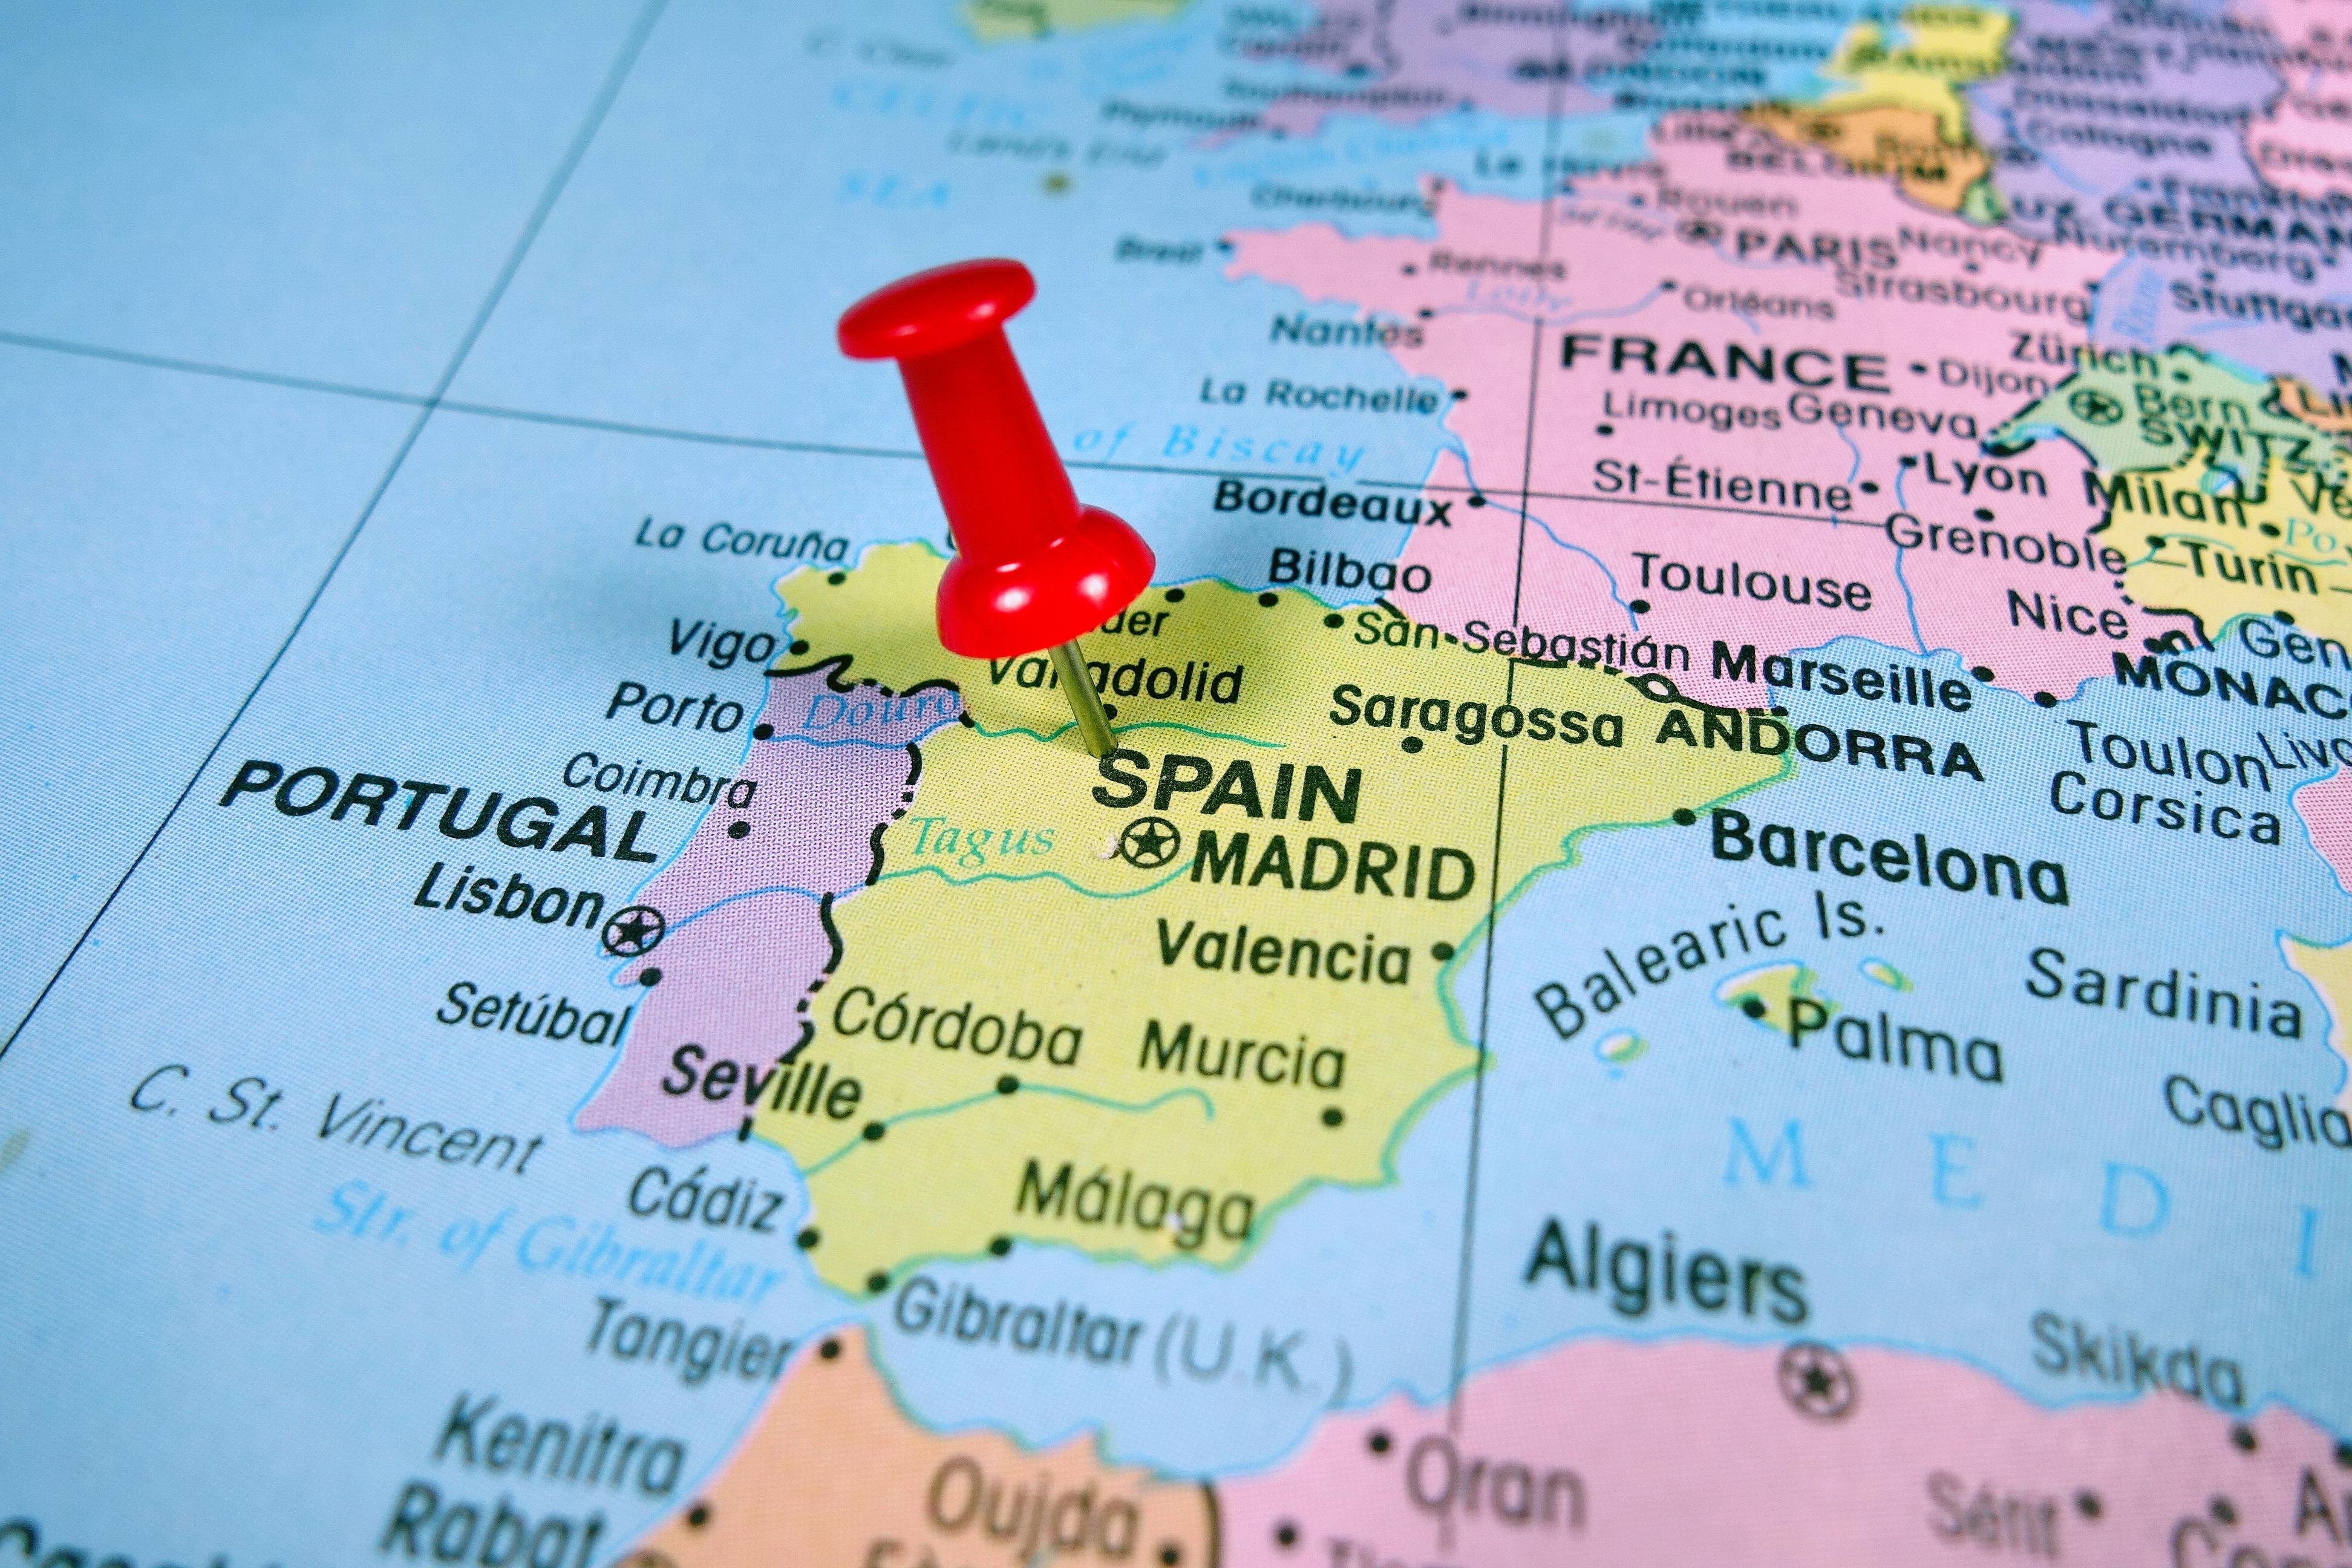 スペインに赤ピンを刺している地図